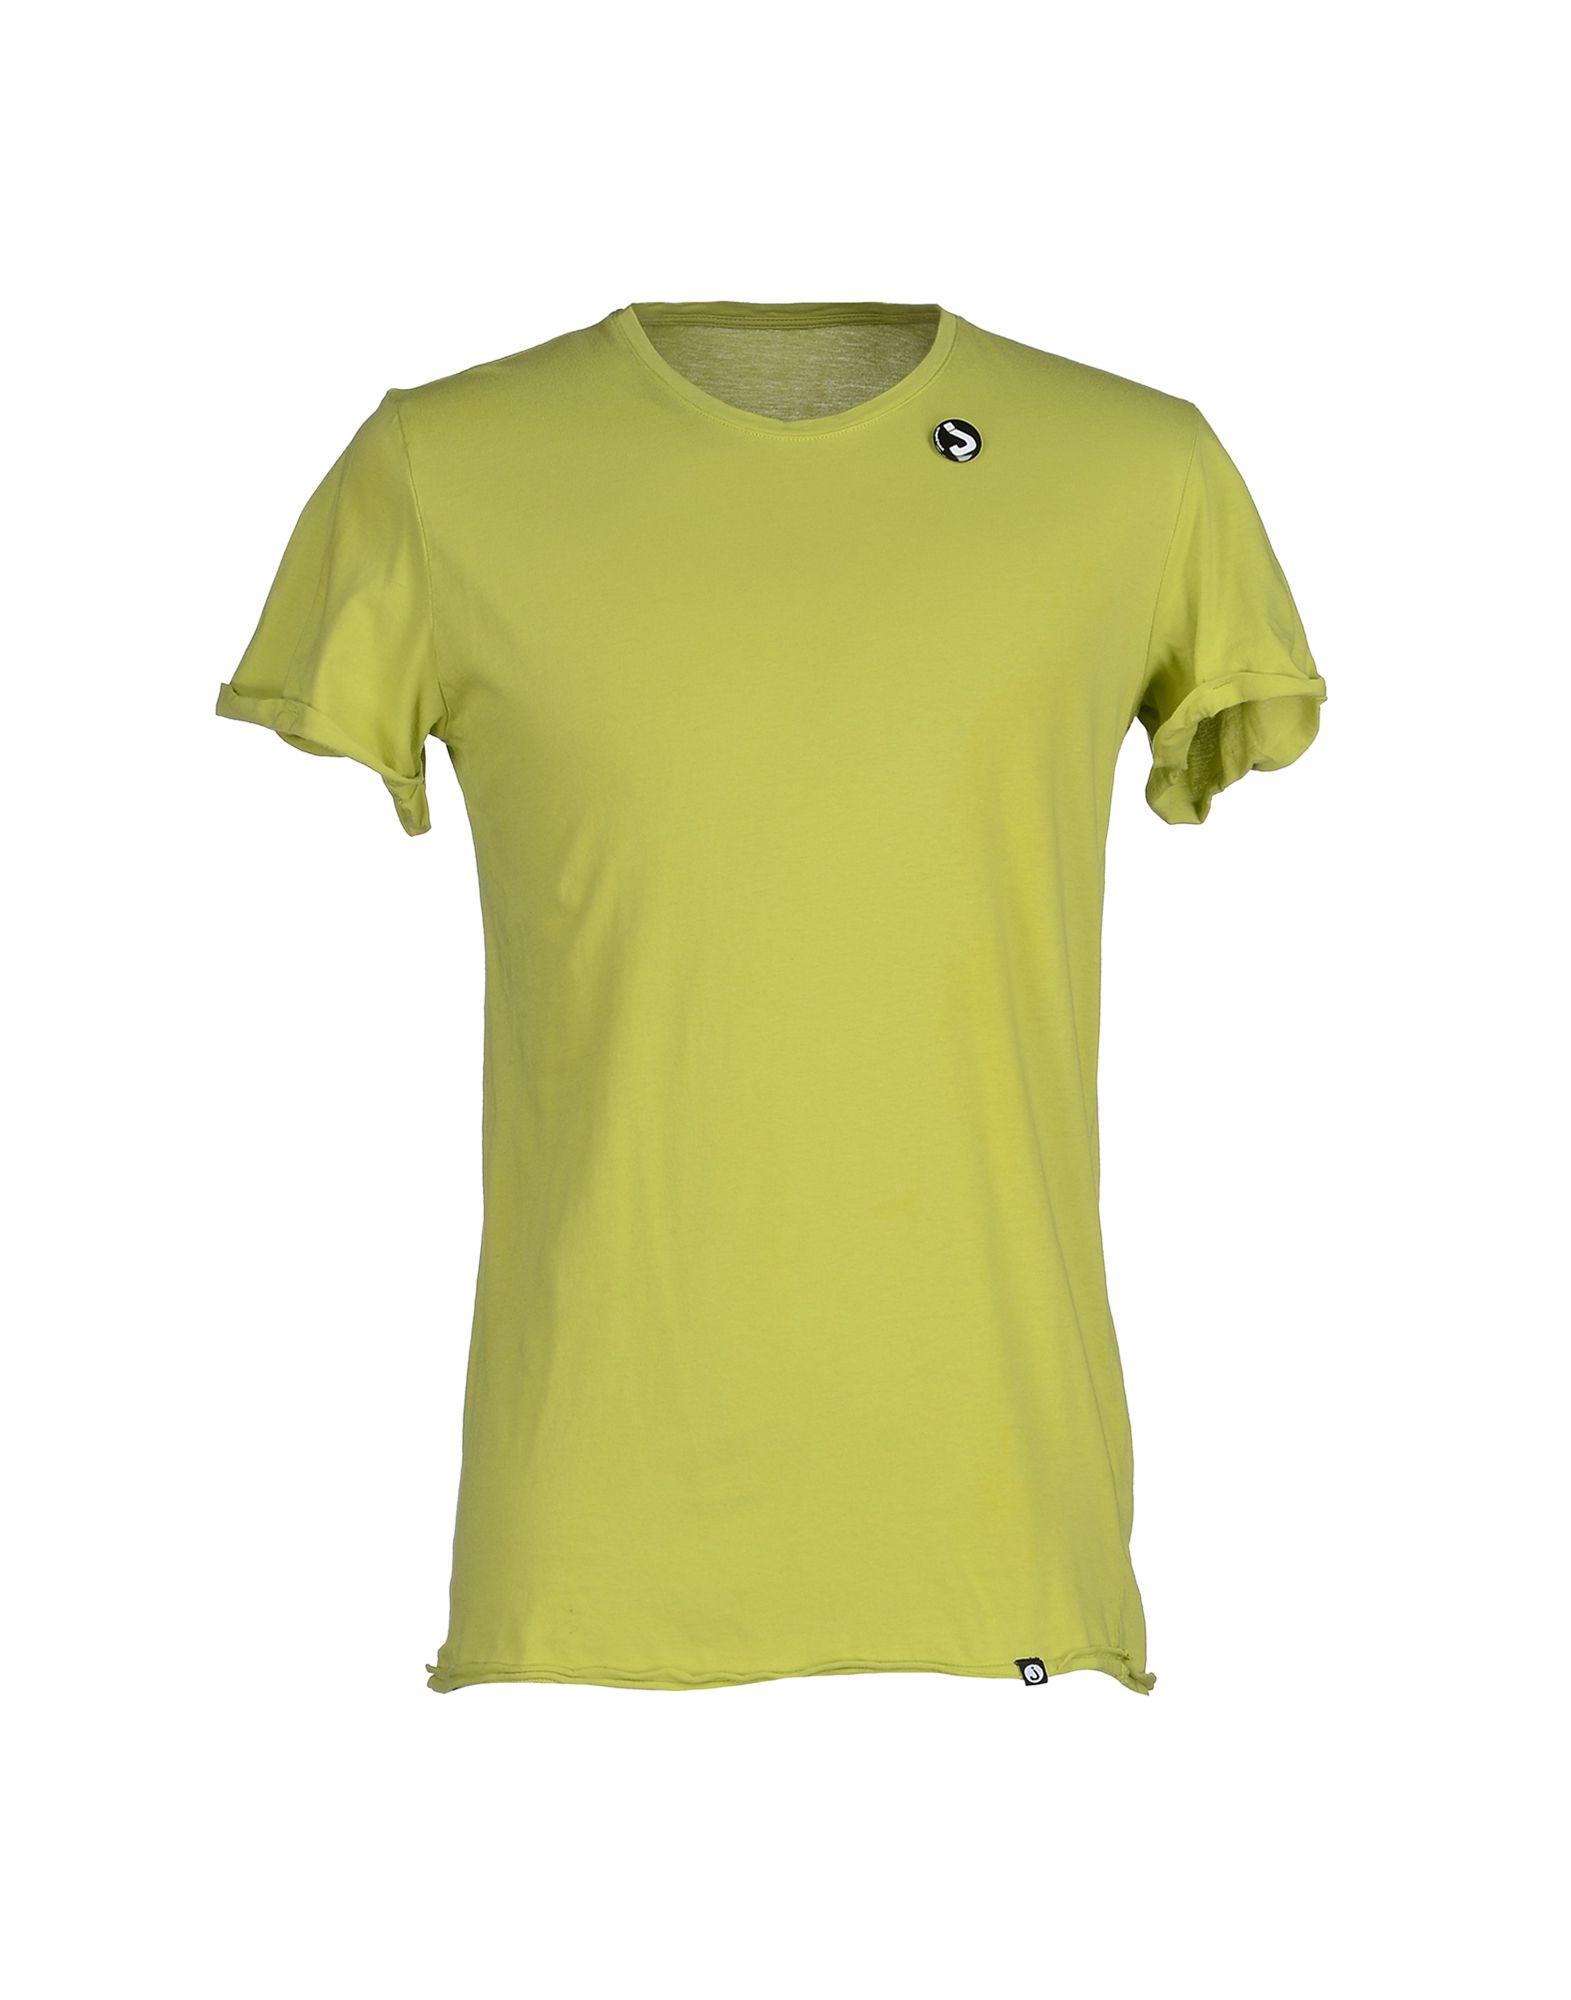 JCOLOR T-shirts